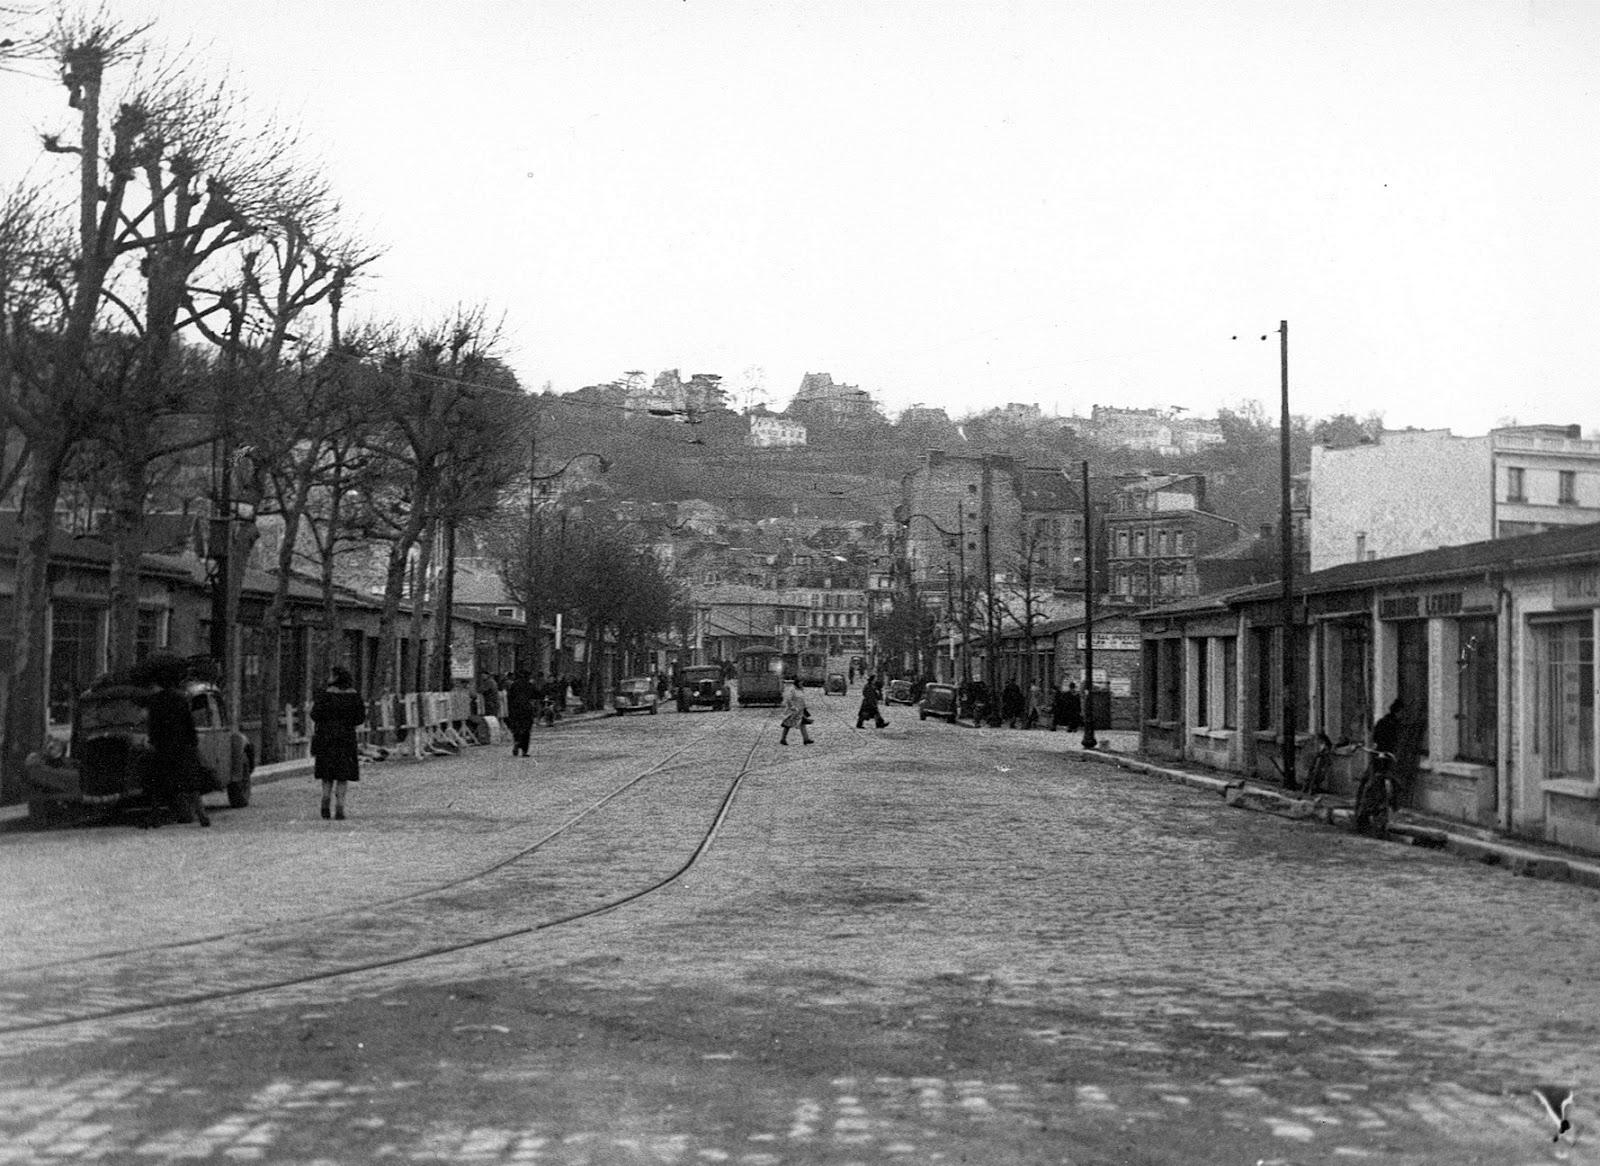 Photos historiques du réseau havrais (bus, tram, funi...) - Page 8 Cit%C3%A9+commercialesansc%C3%B4te2